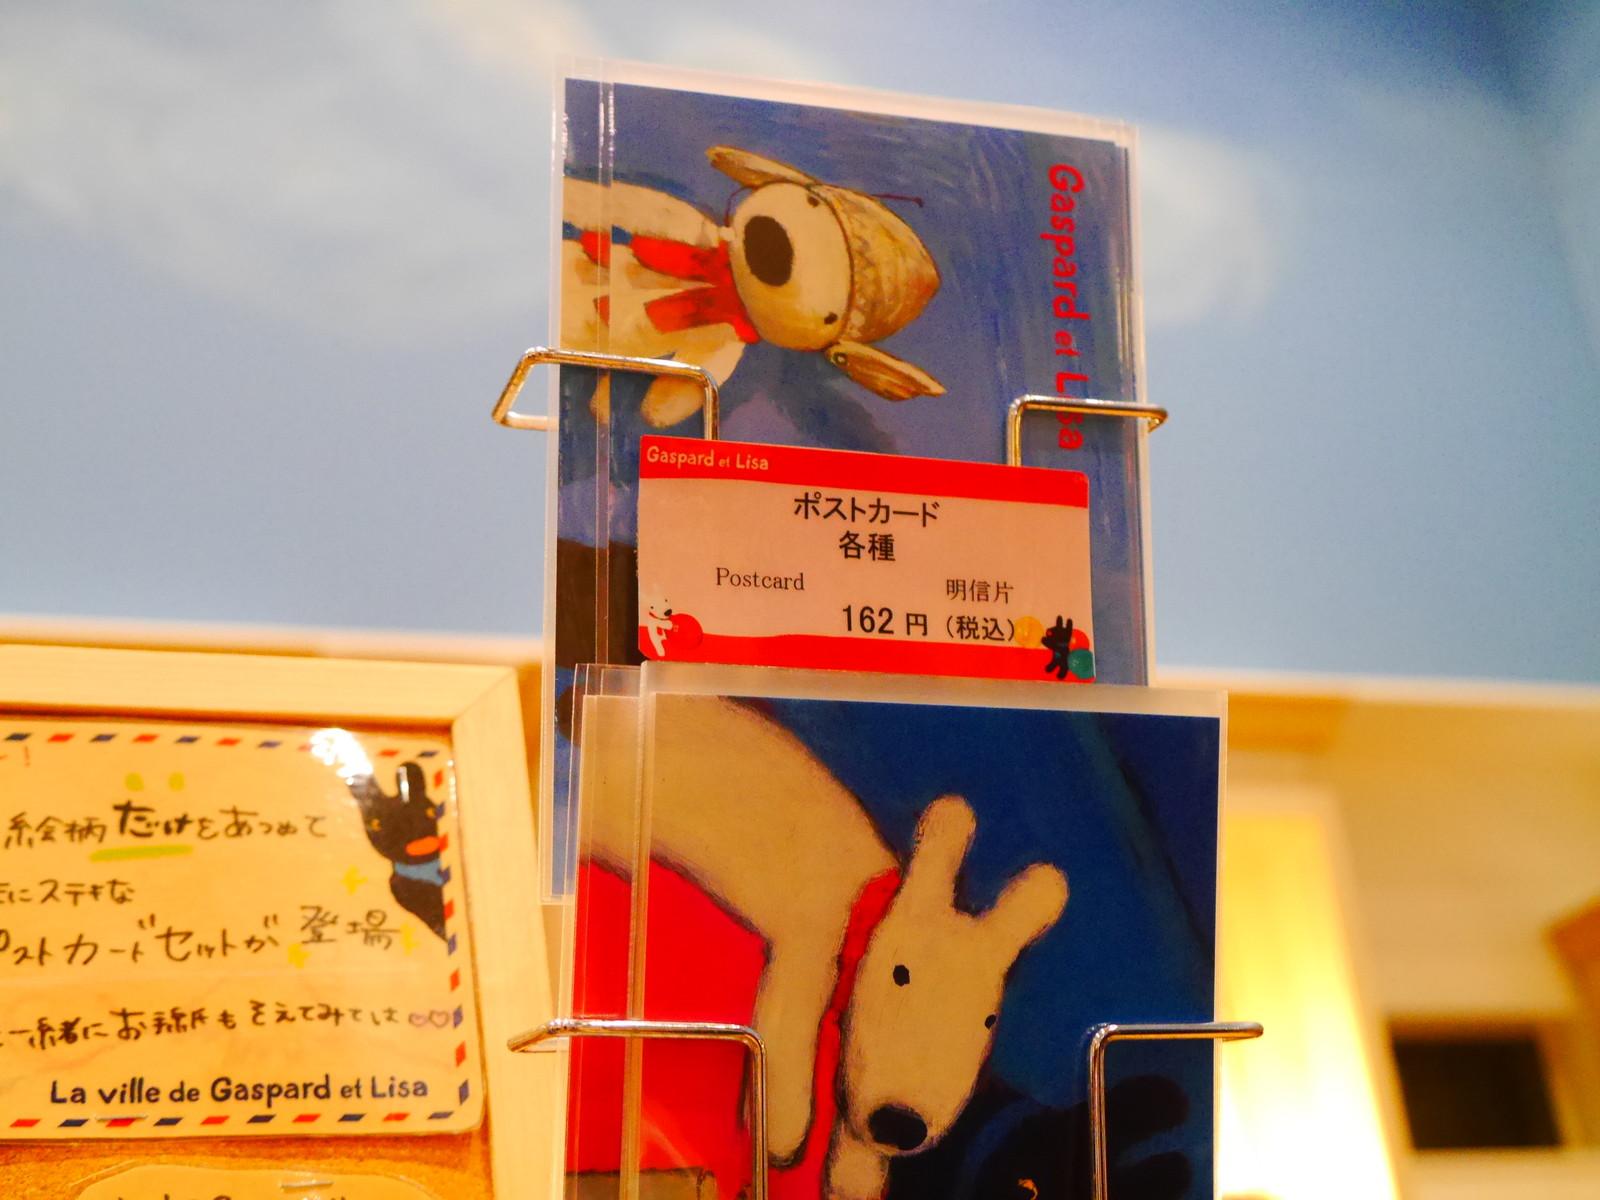 フジヤマミュージアムに最安で入る方法 リサとガスパールタウンで